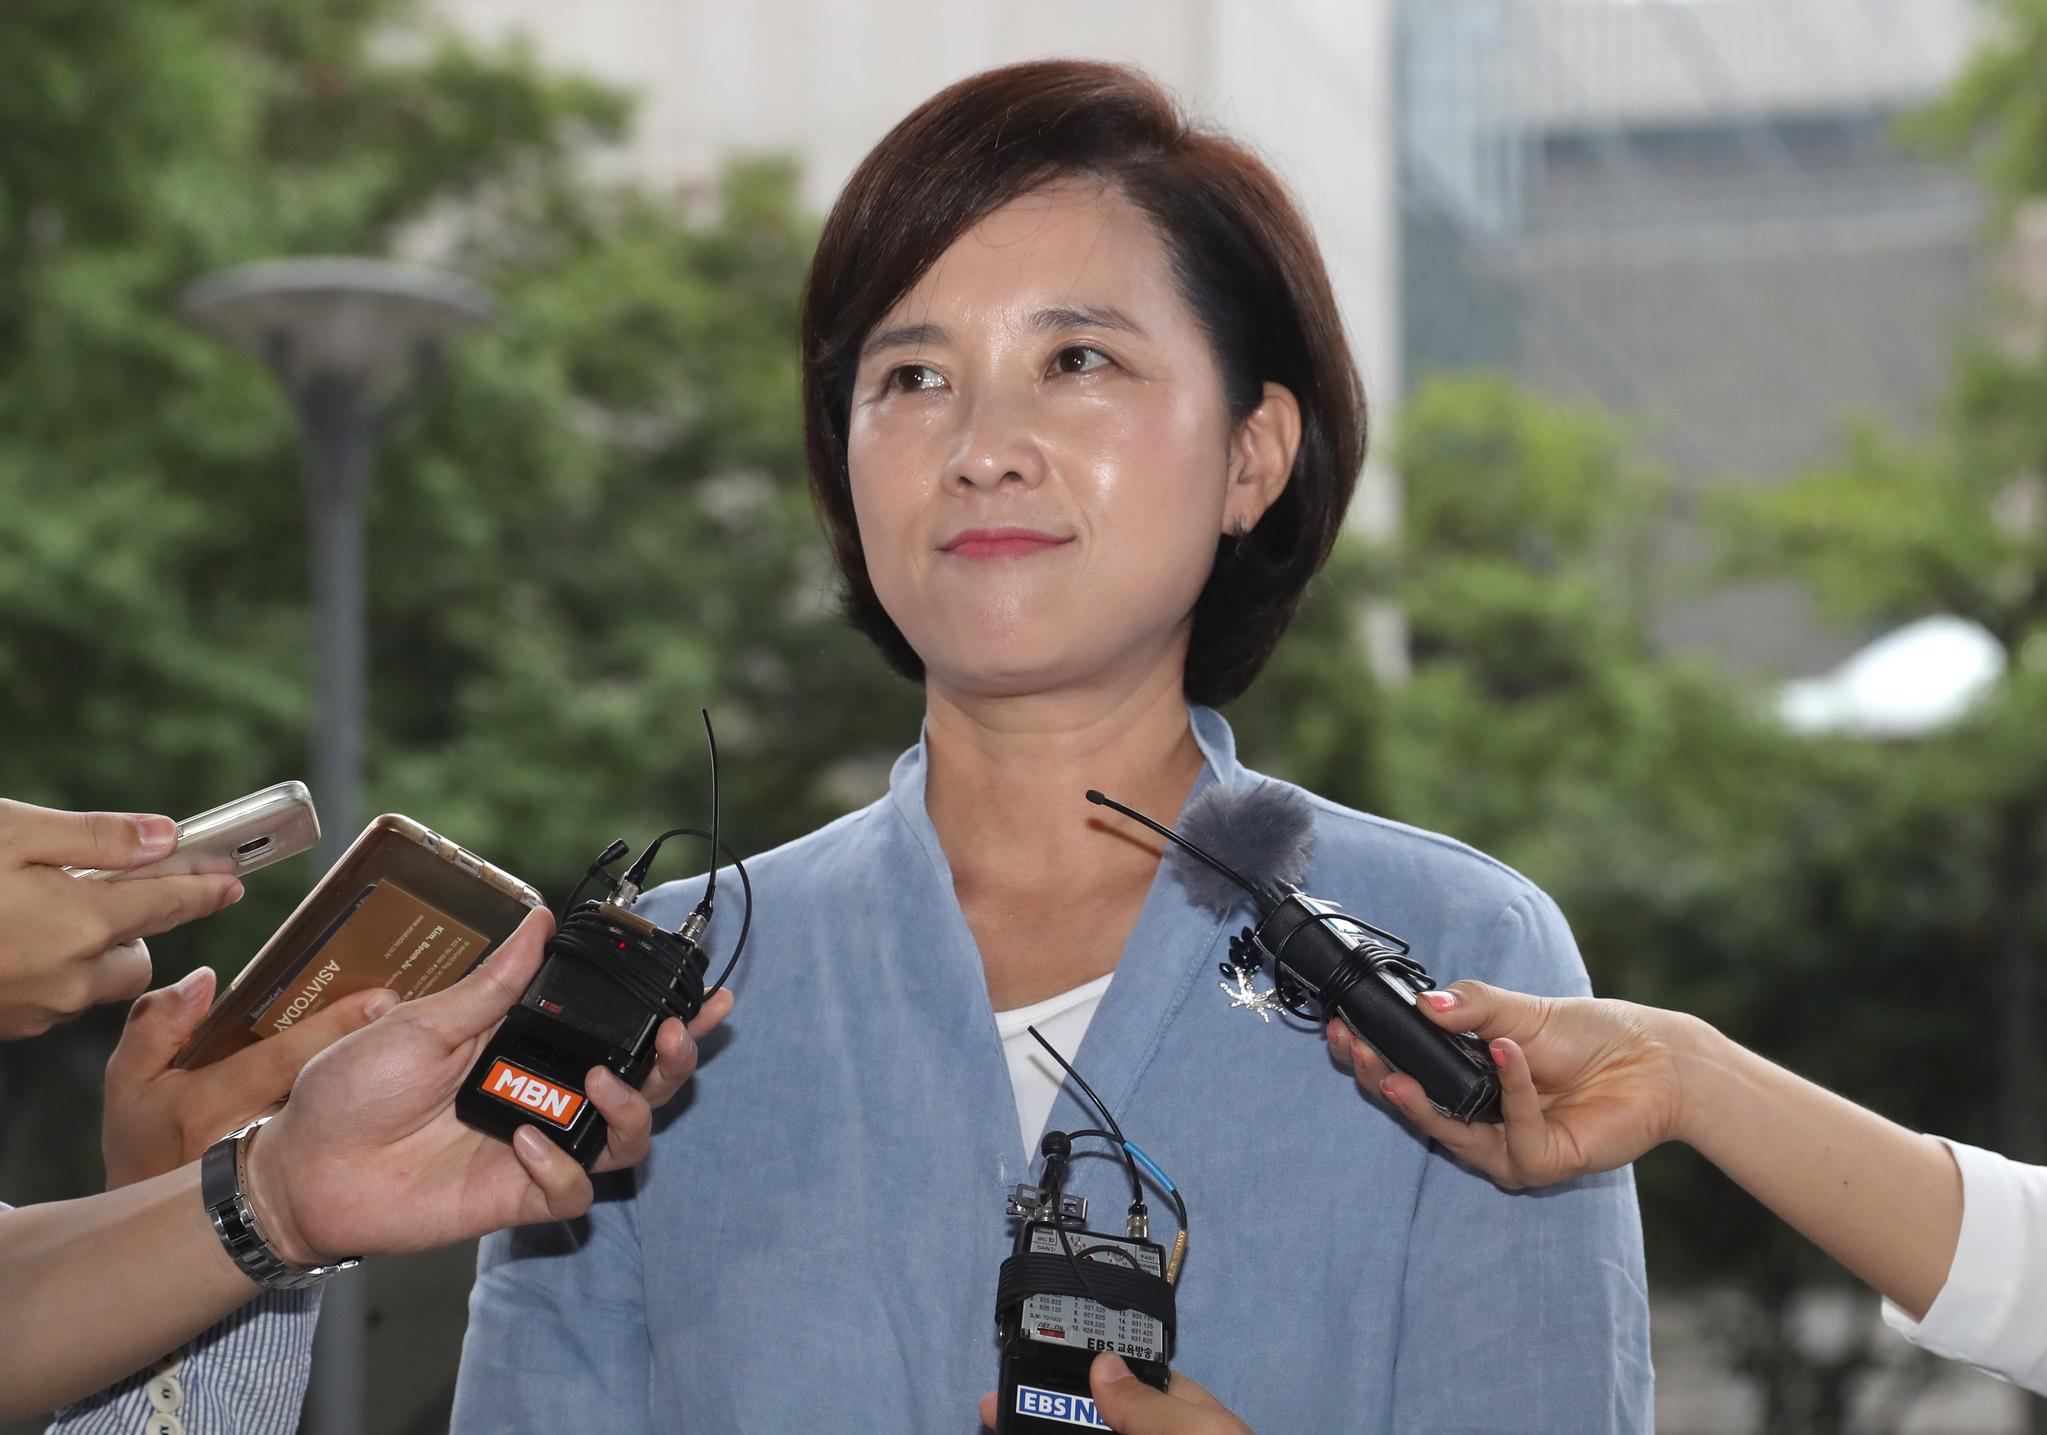 [미리보는 오늘] 미운털 박힌 유은혜, 청문회 통과할까요?